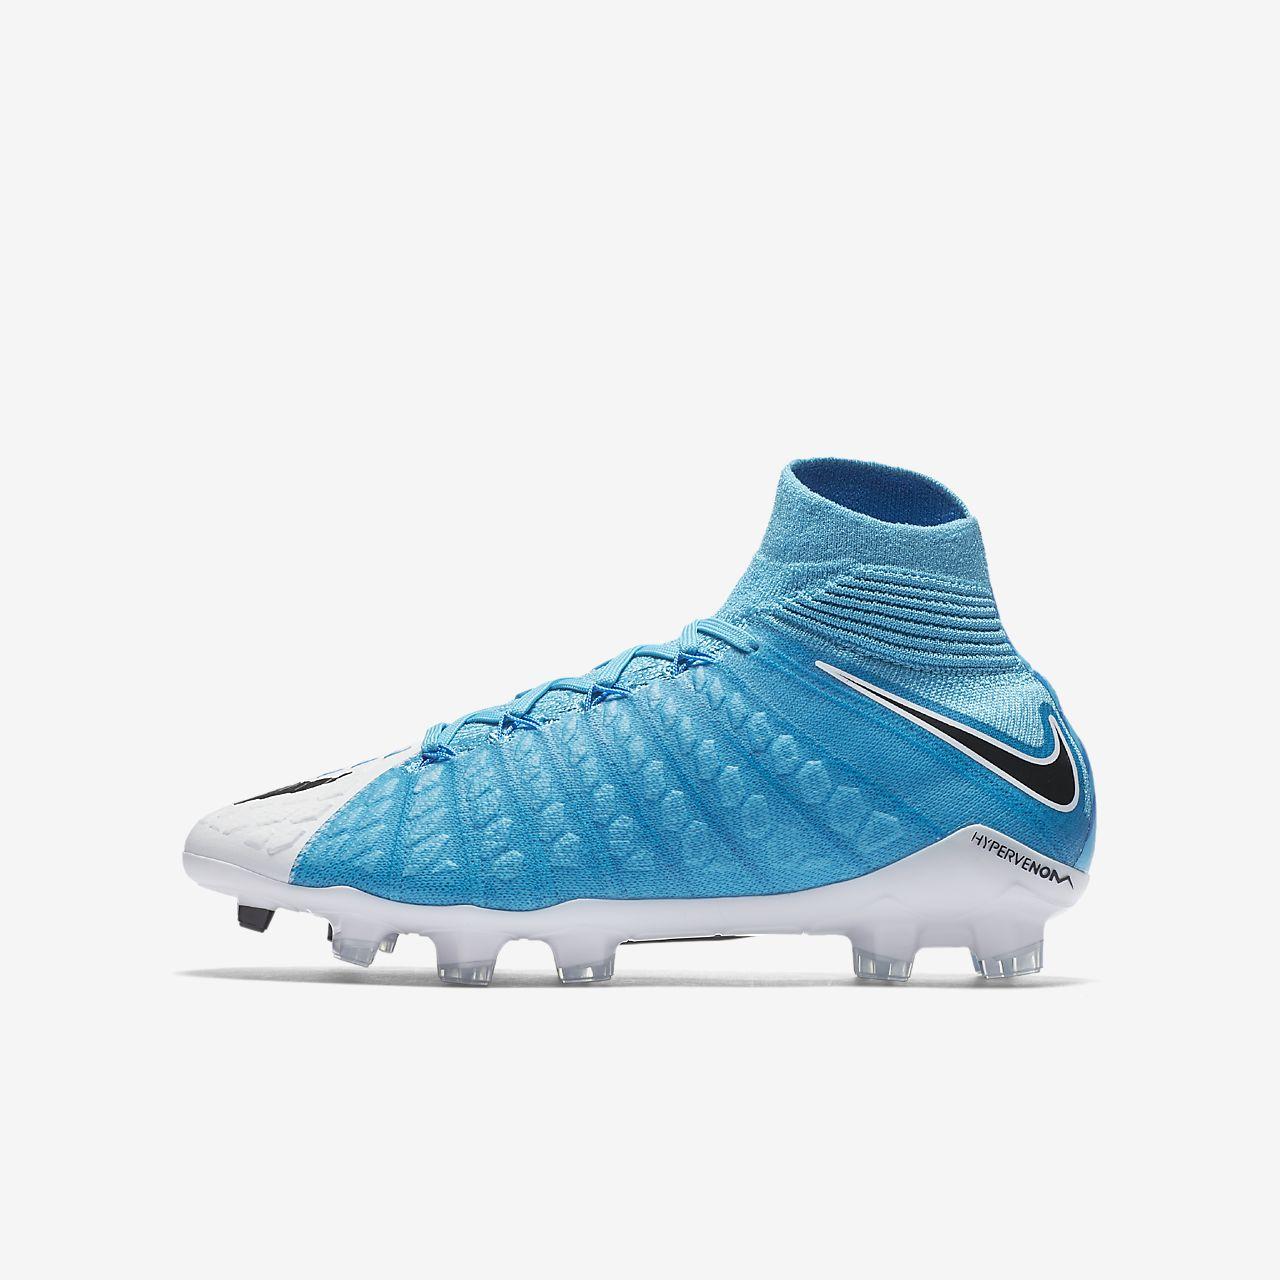 newest 8aec3 9eef2 nike hypervenom kids football boots